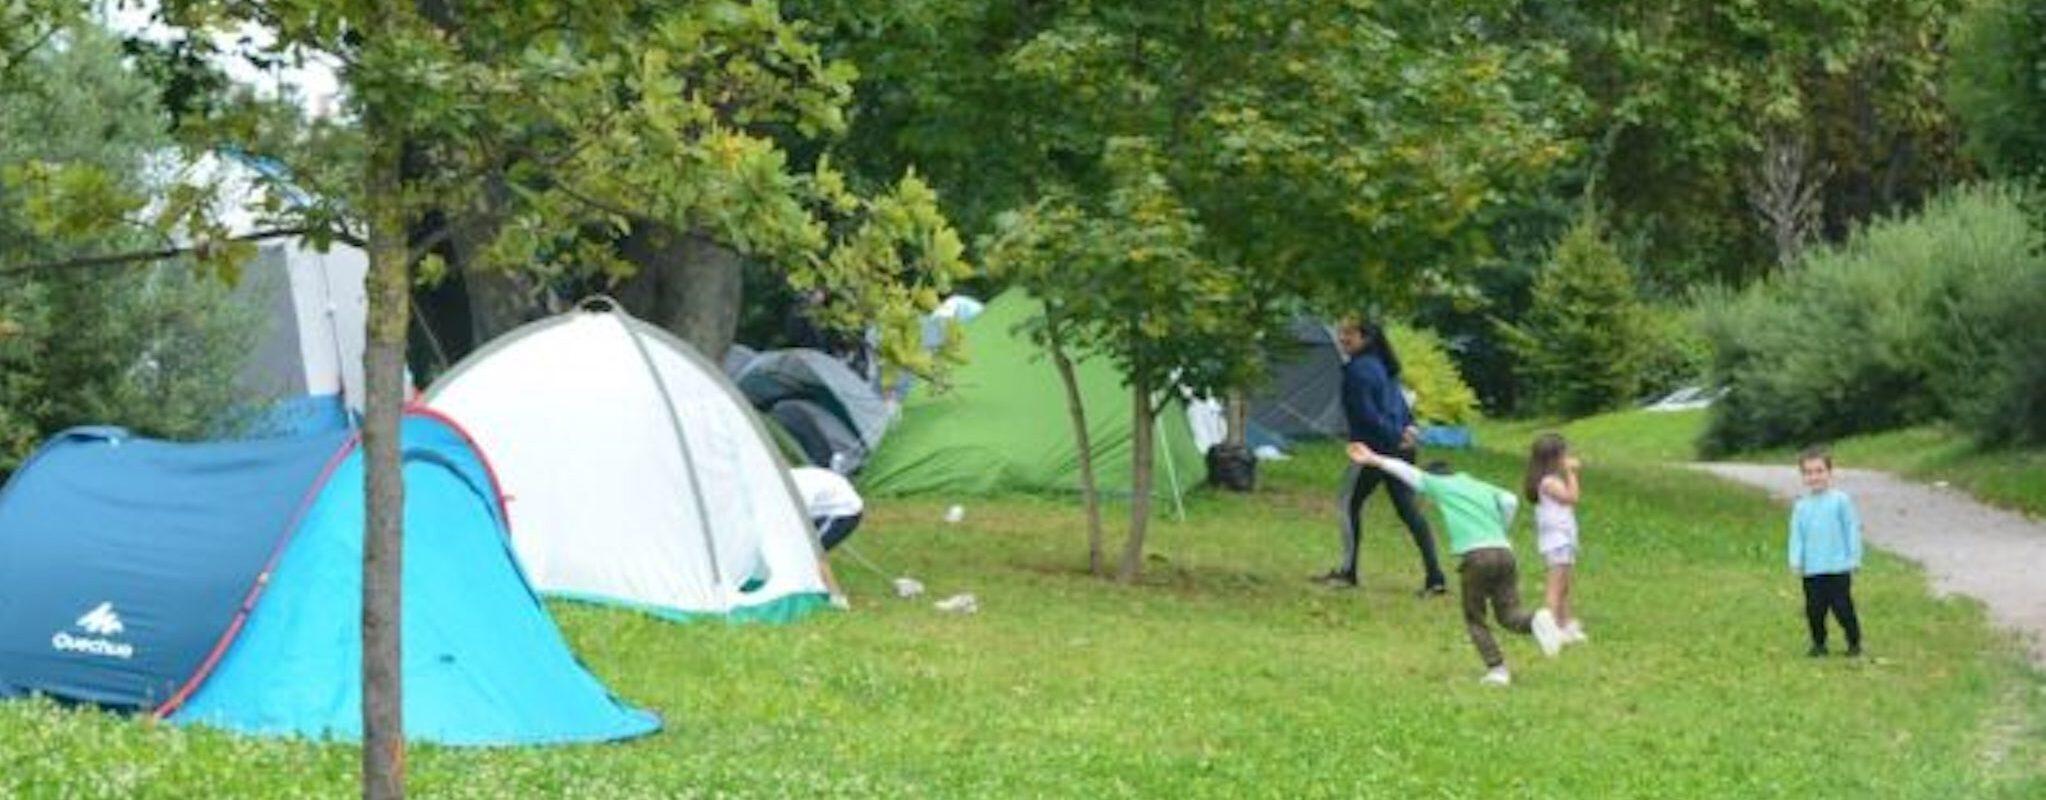 Les riverains du camp de Montagne Verte choqués par l'abandon des réfugiés